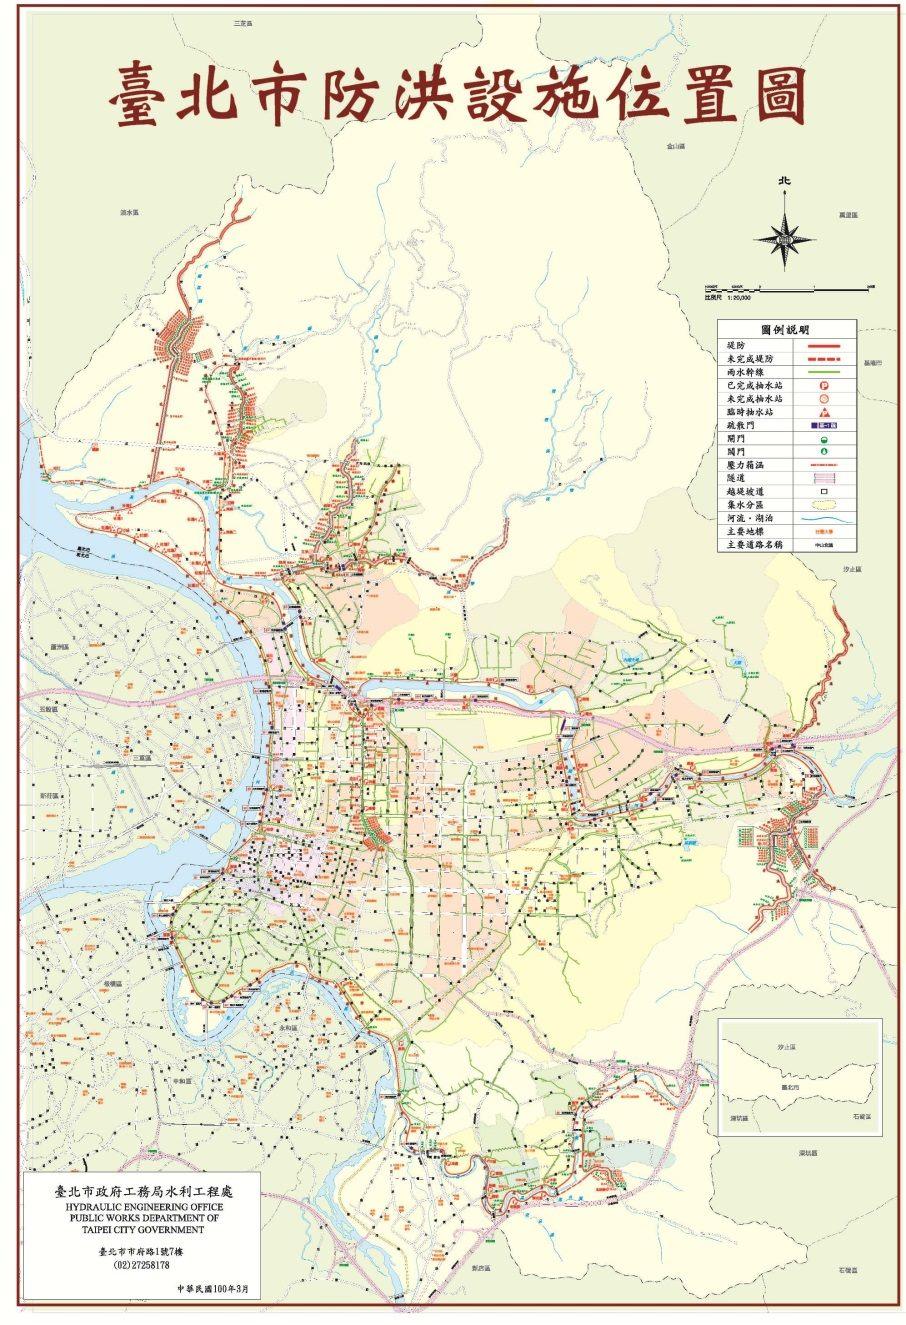 臺北市防洪設施位置圖